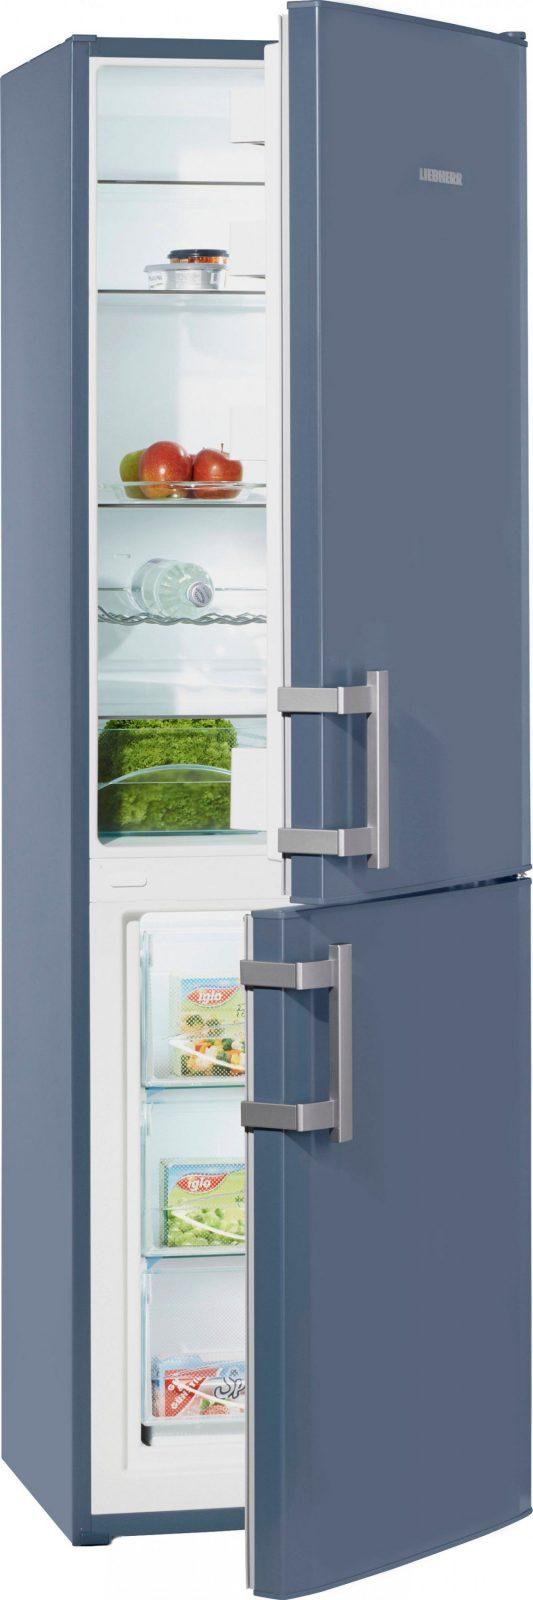 Liebherr Kühlgefrierkombination 1812 Cm Hoch 55 Cm Breit Kaufen von Kühlschränke 55 Cm Breit Bild